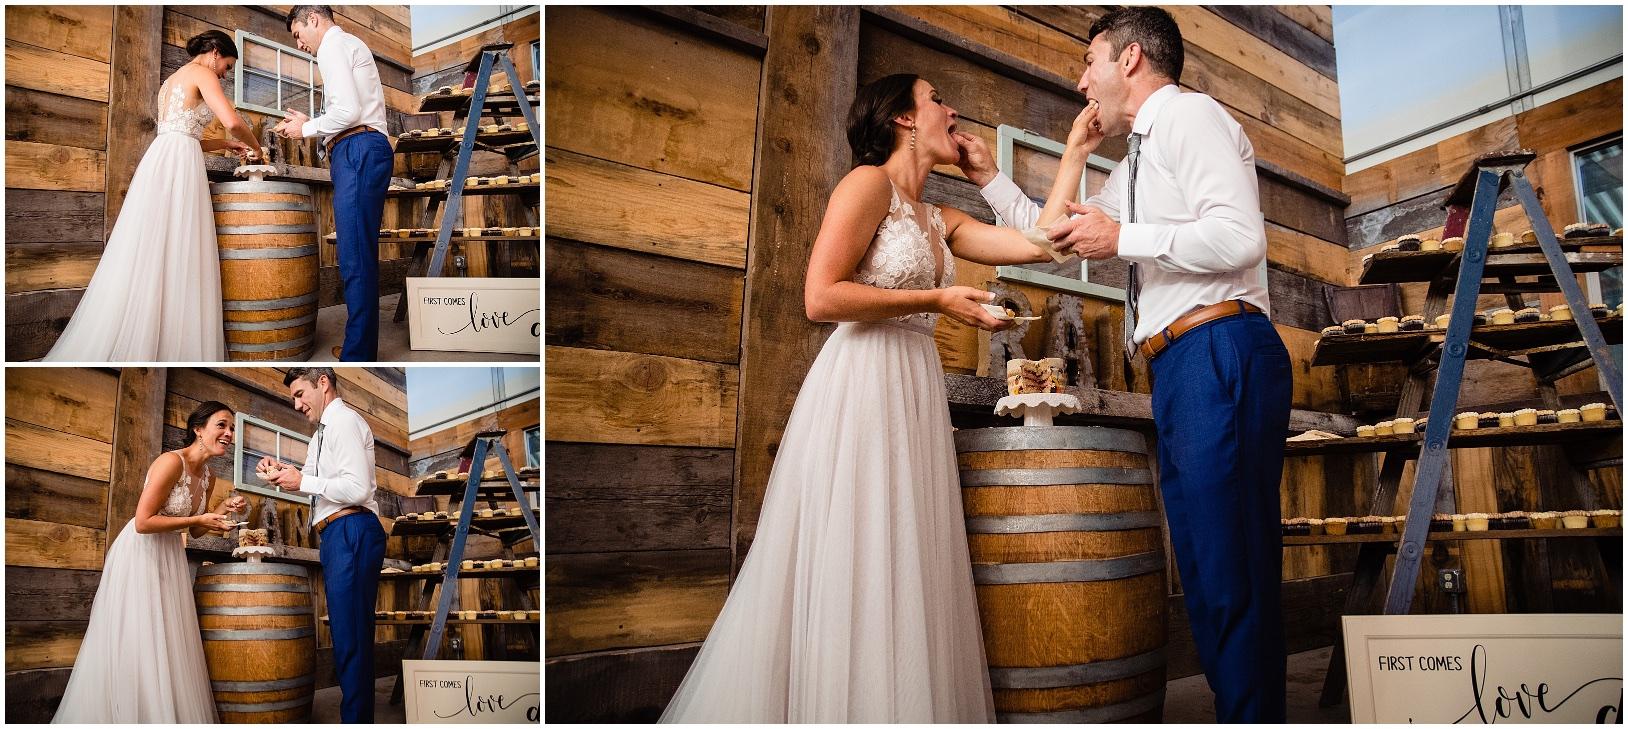 lindseyjane_weddings0112.jpg